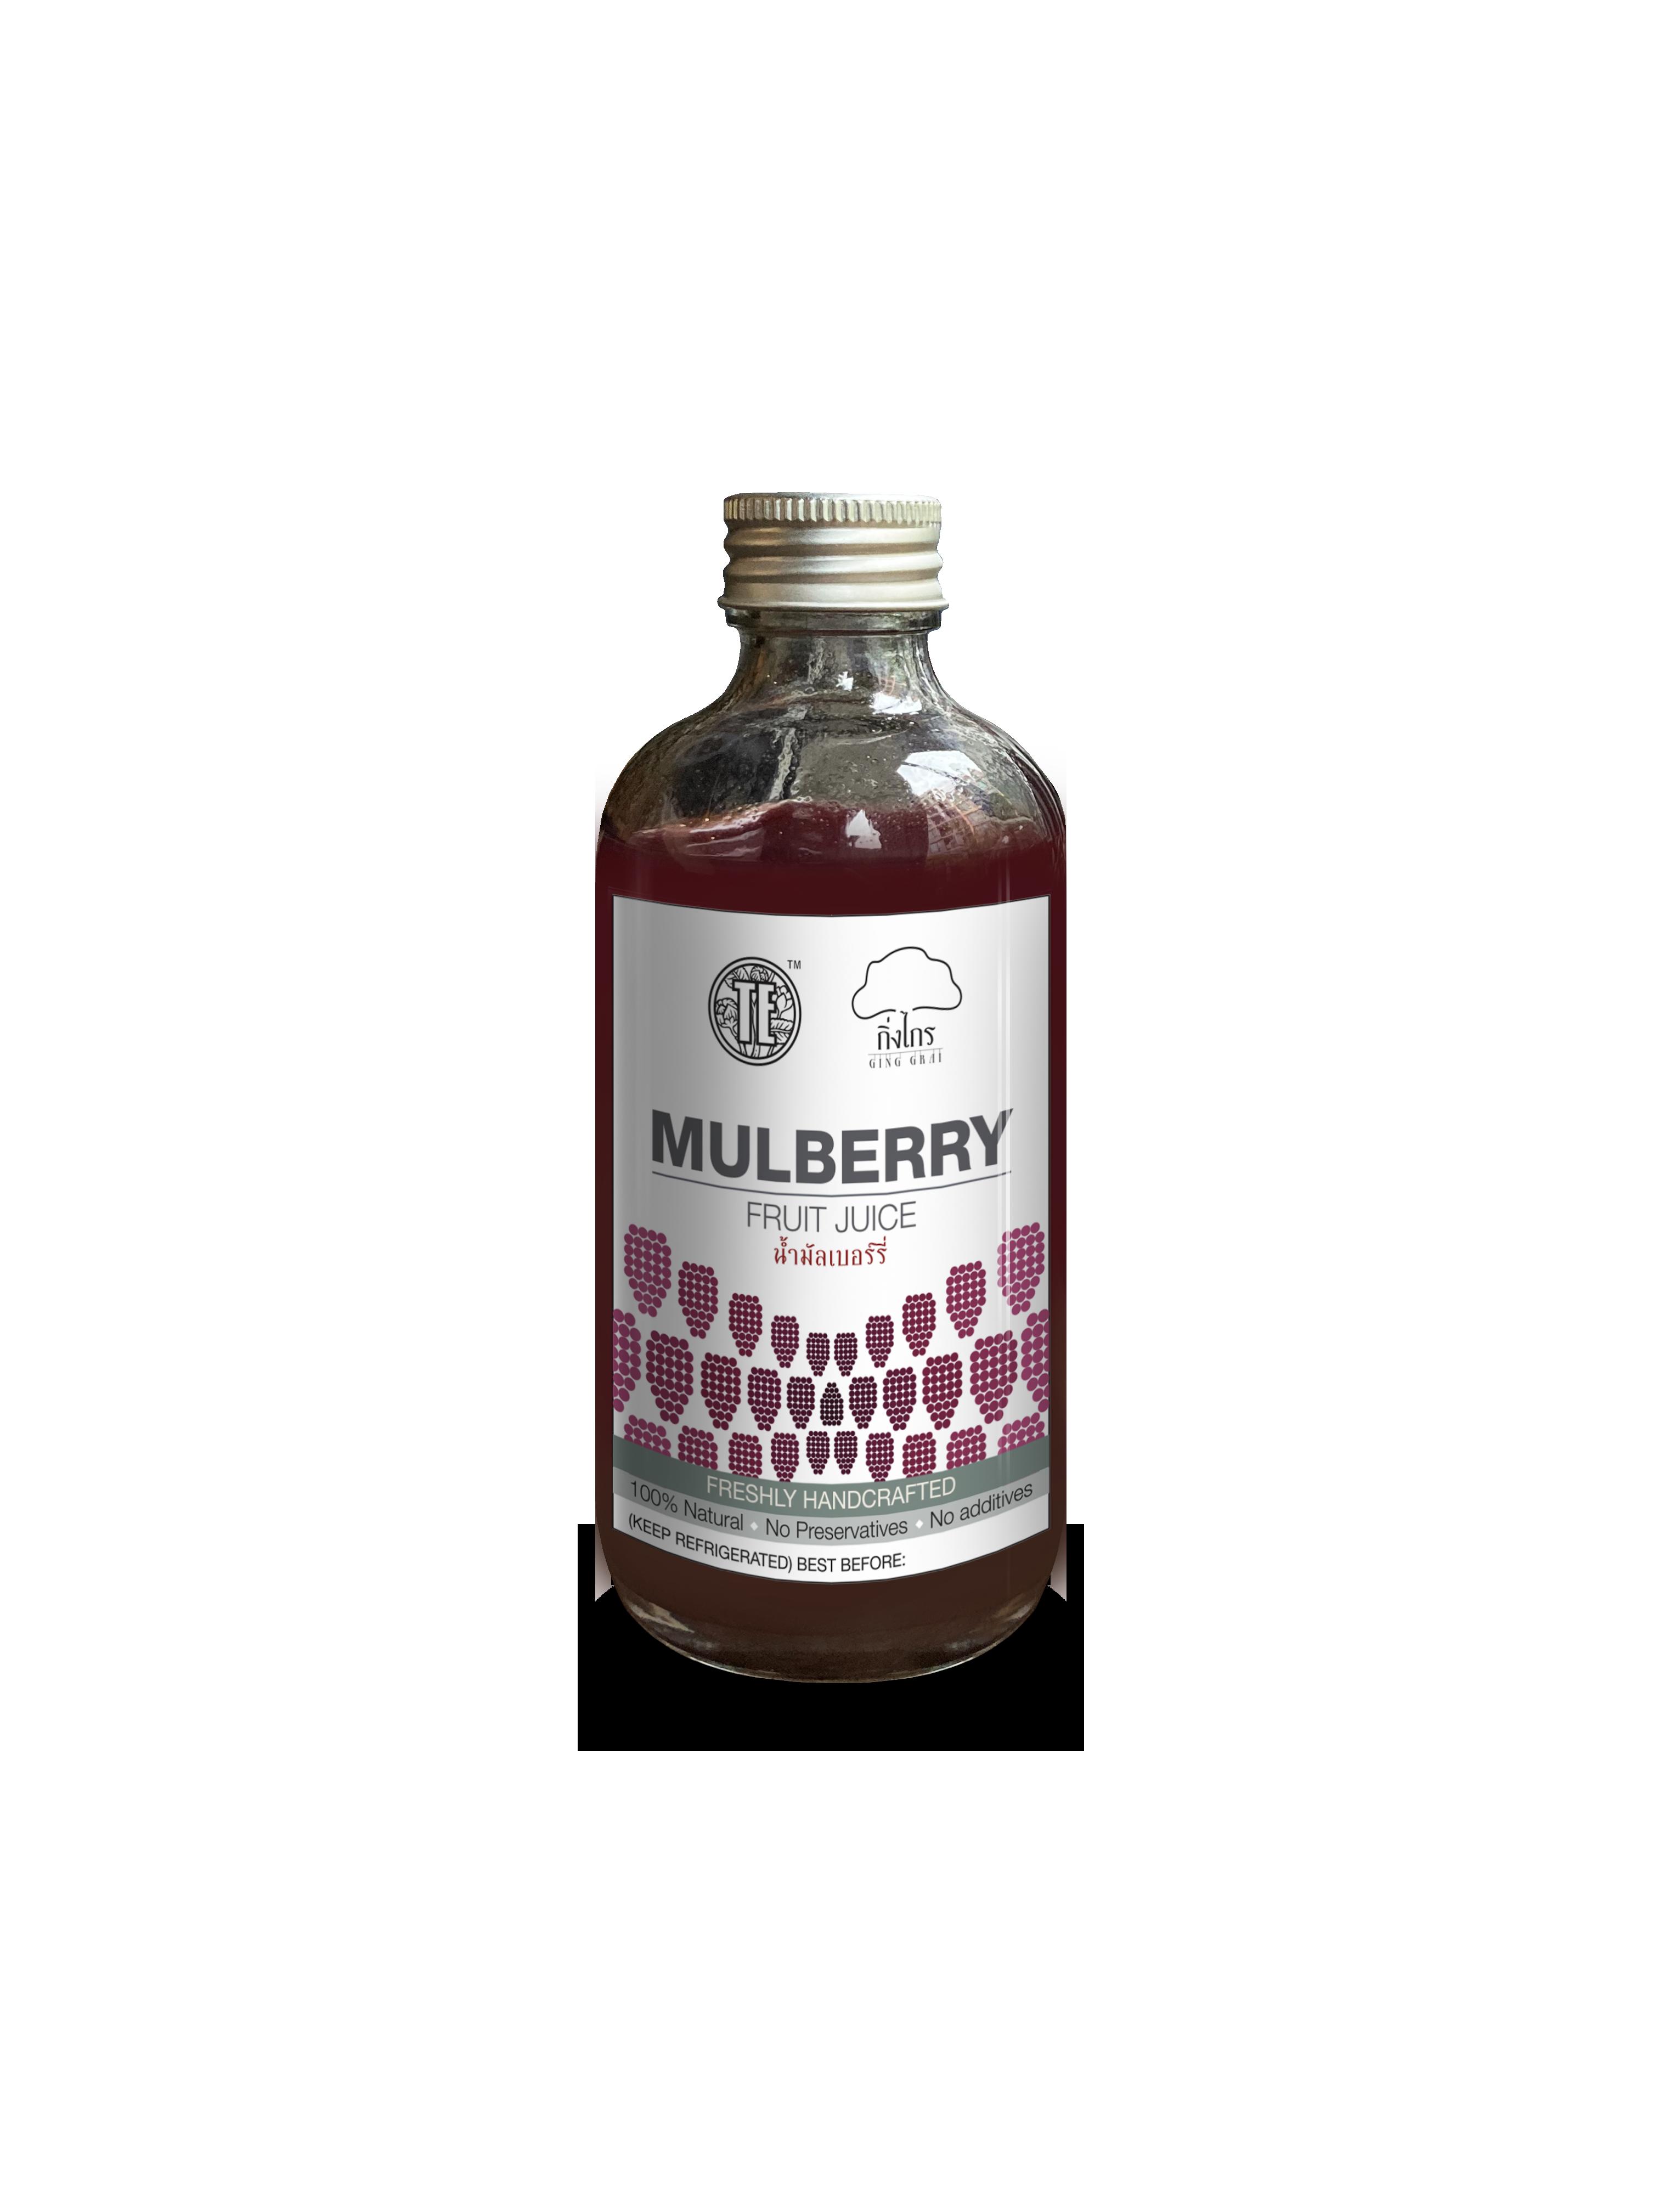 Mulberry Fruit Juice น้ำมัลเบอรี่